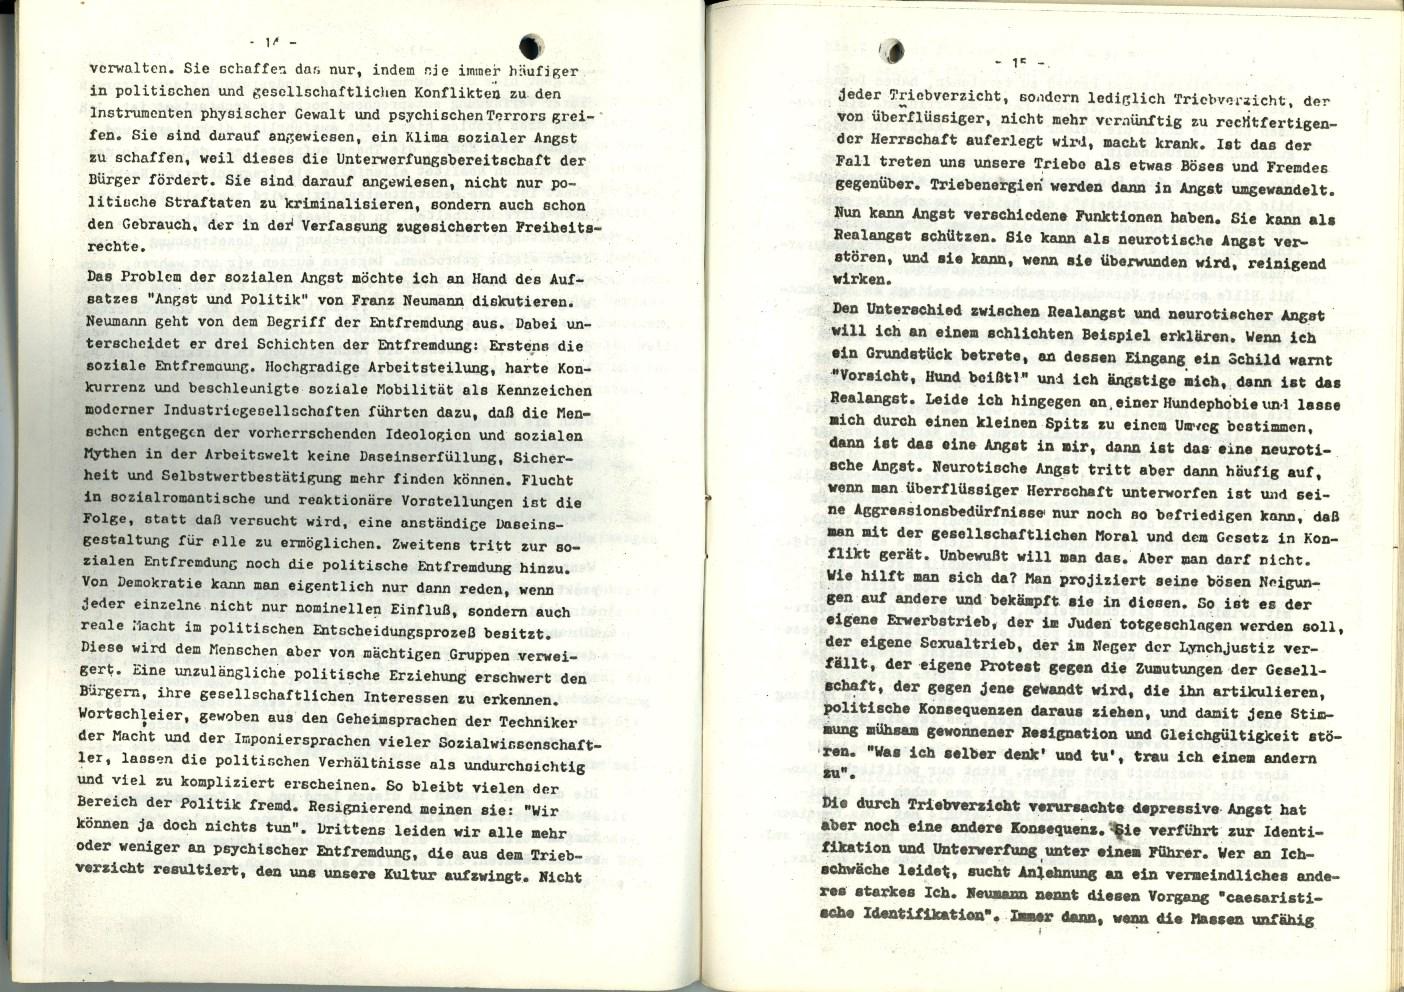 Hamburg_Vorbereitungsgruppe_Russell_Tribunal_Zensur_1978_08